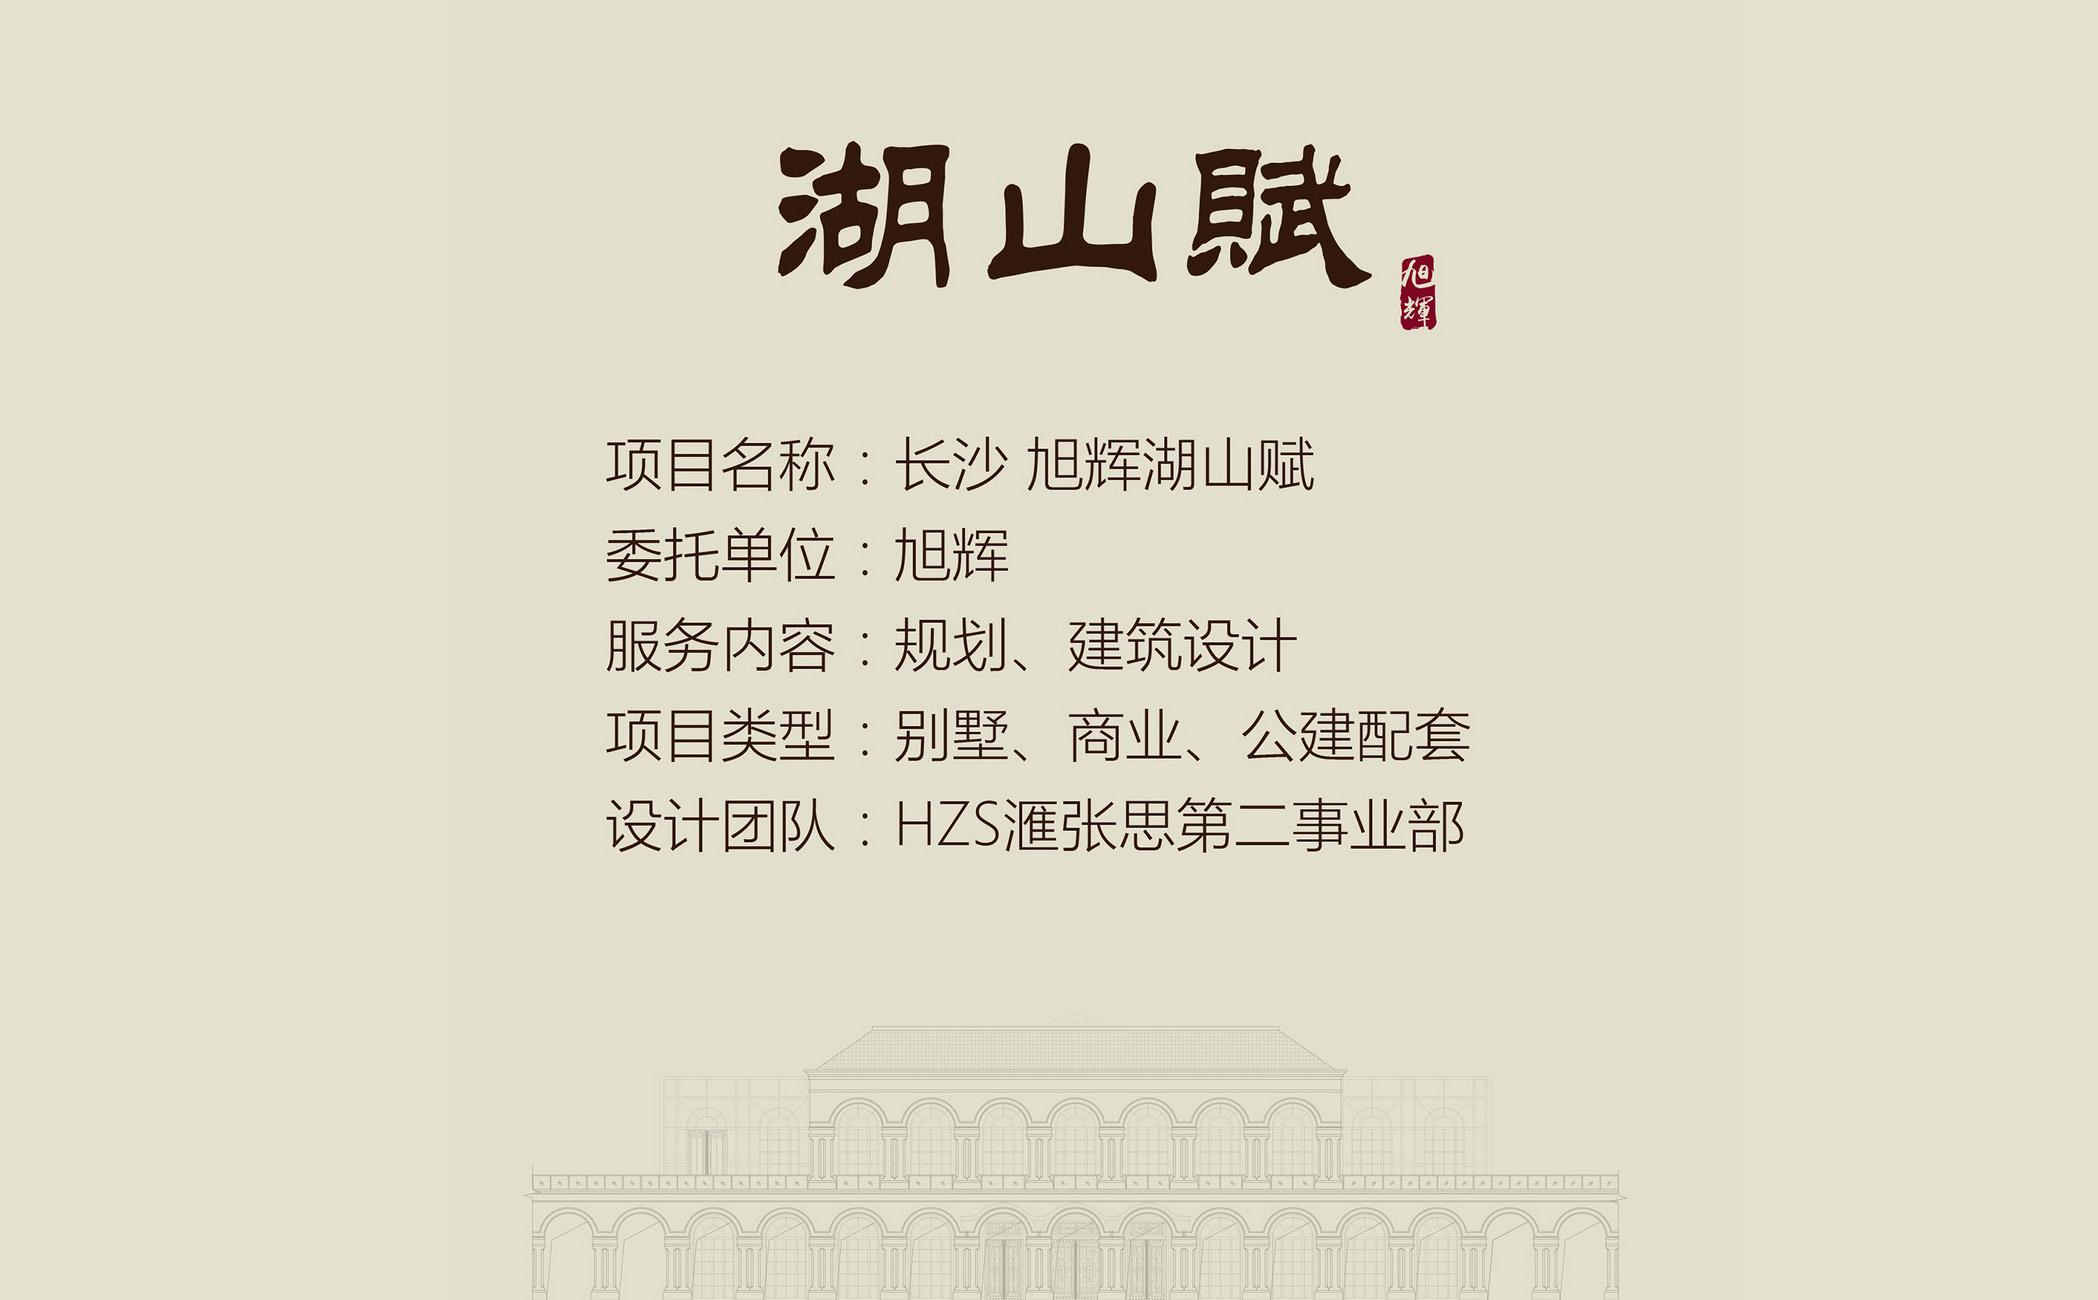 长沙 旭辉恒高紫荆(湖山赋)-微信_33_调整大小.jpg